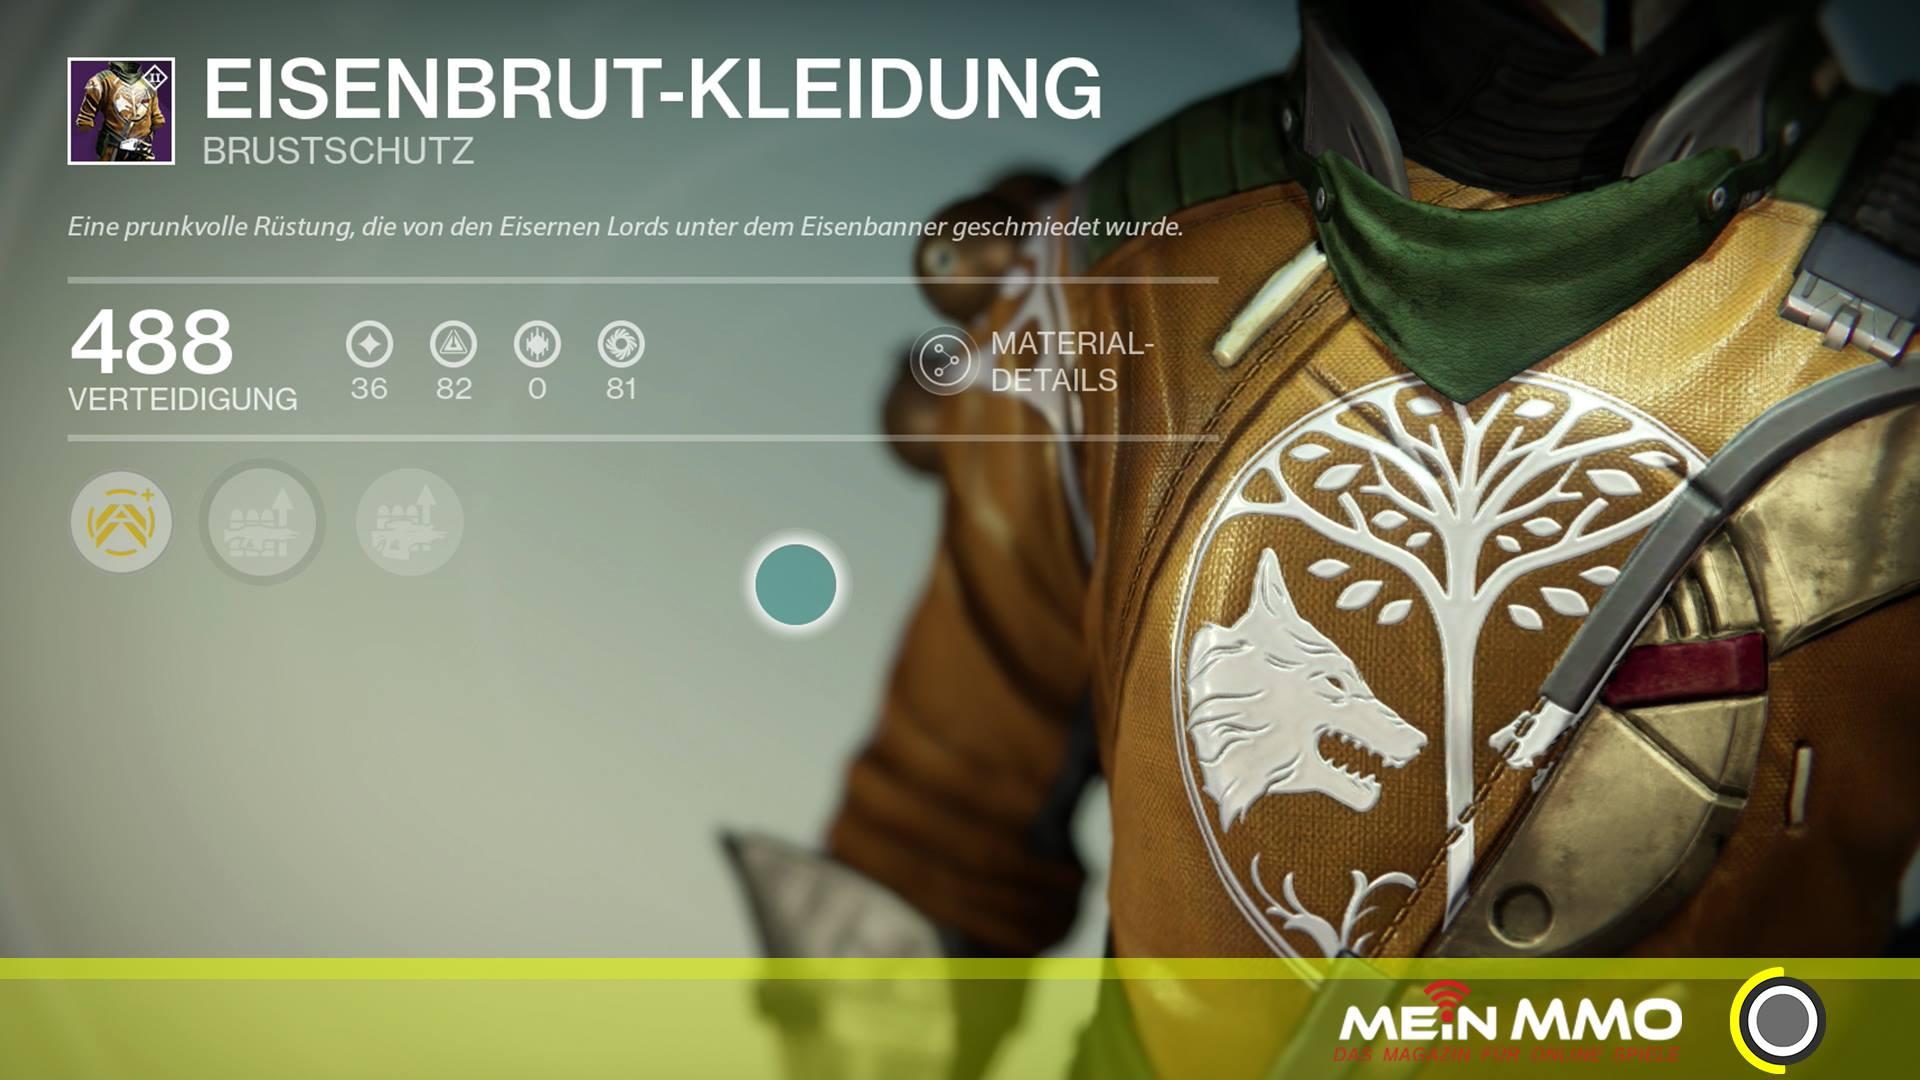 Destiny-Eisenbrut-Kleidung